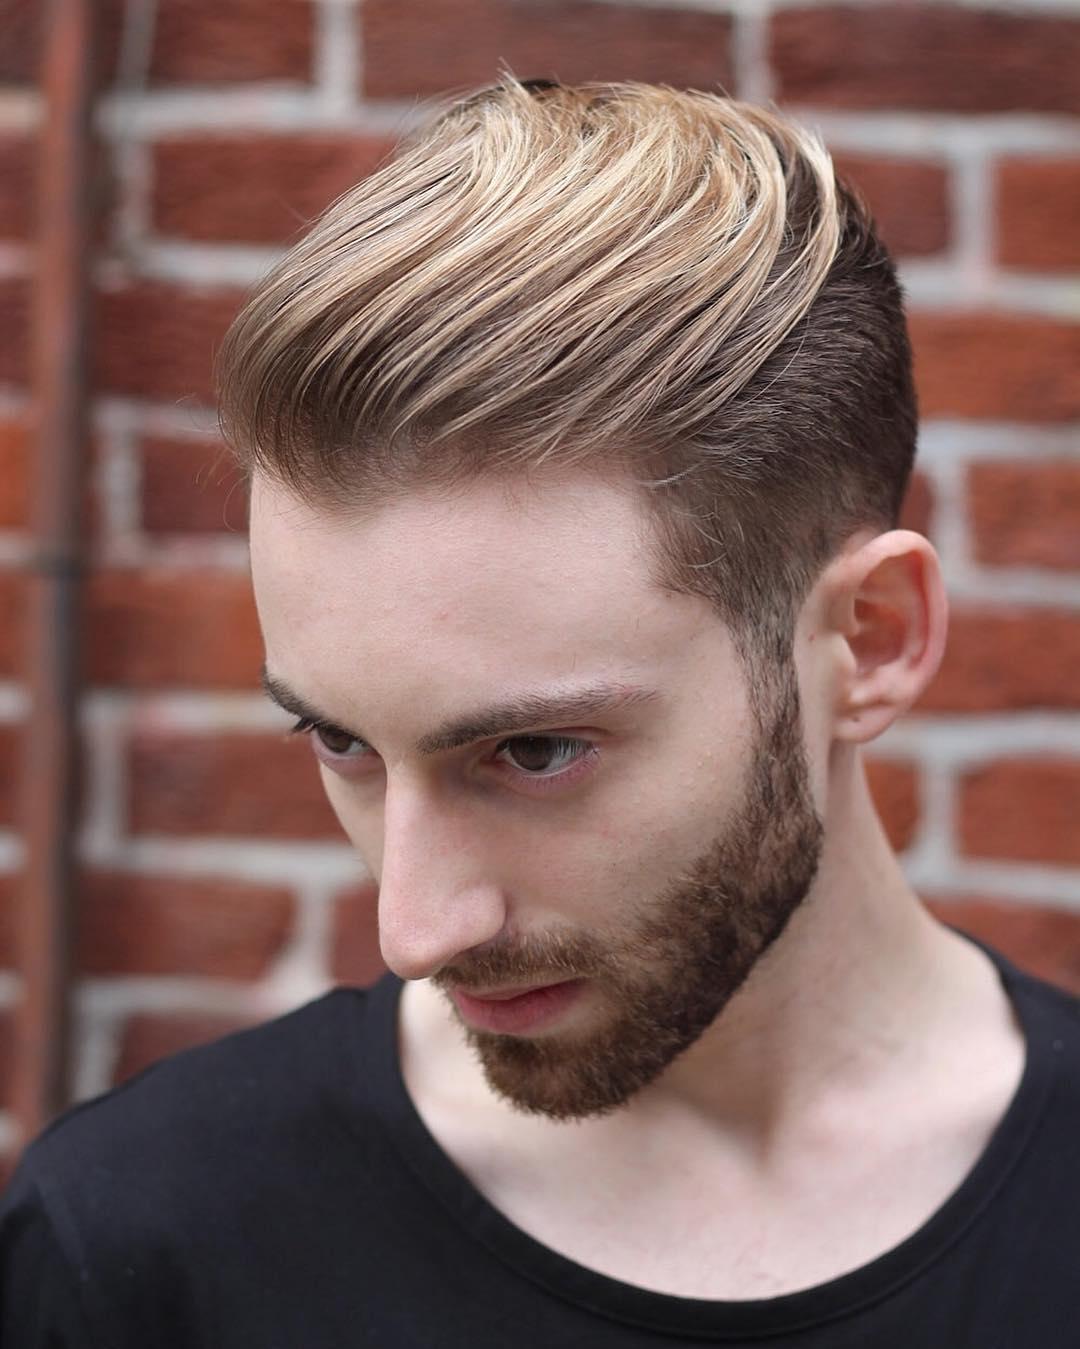 Мужская стрижка 2018 с осветленной челкой